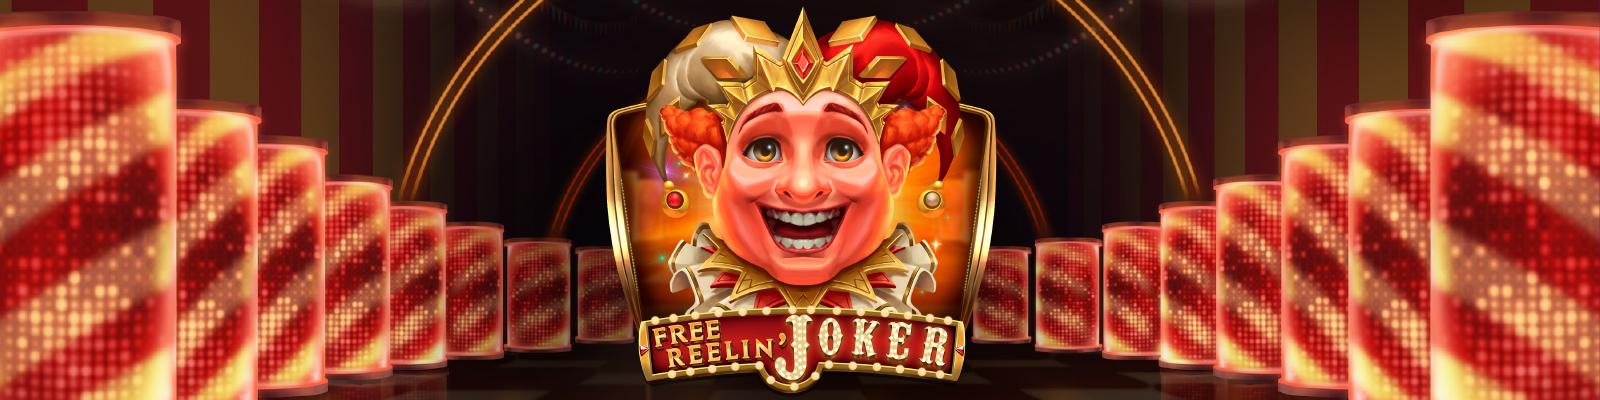 Free Reelin' Joker – Play'n GO